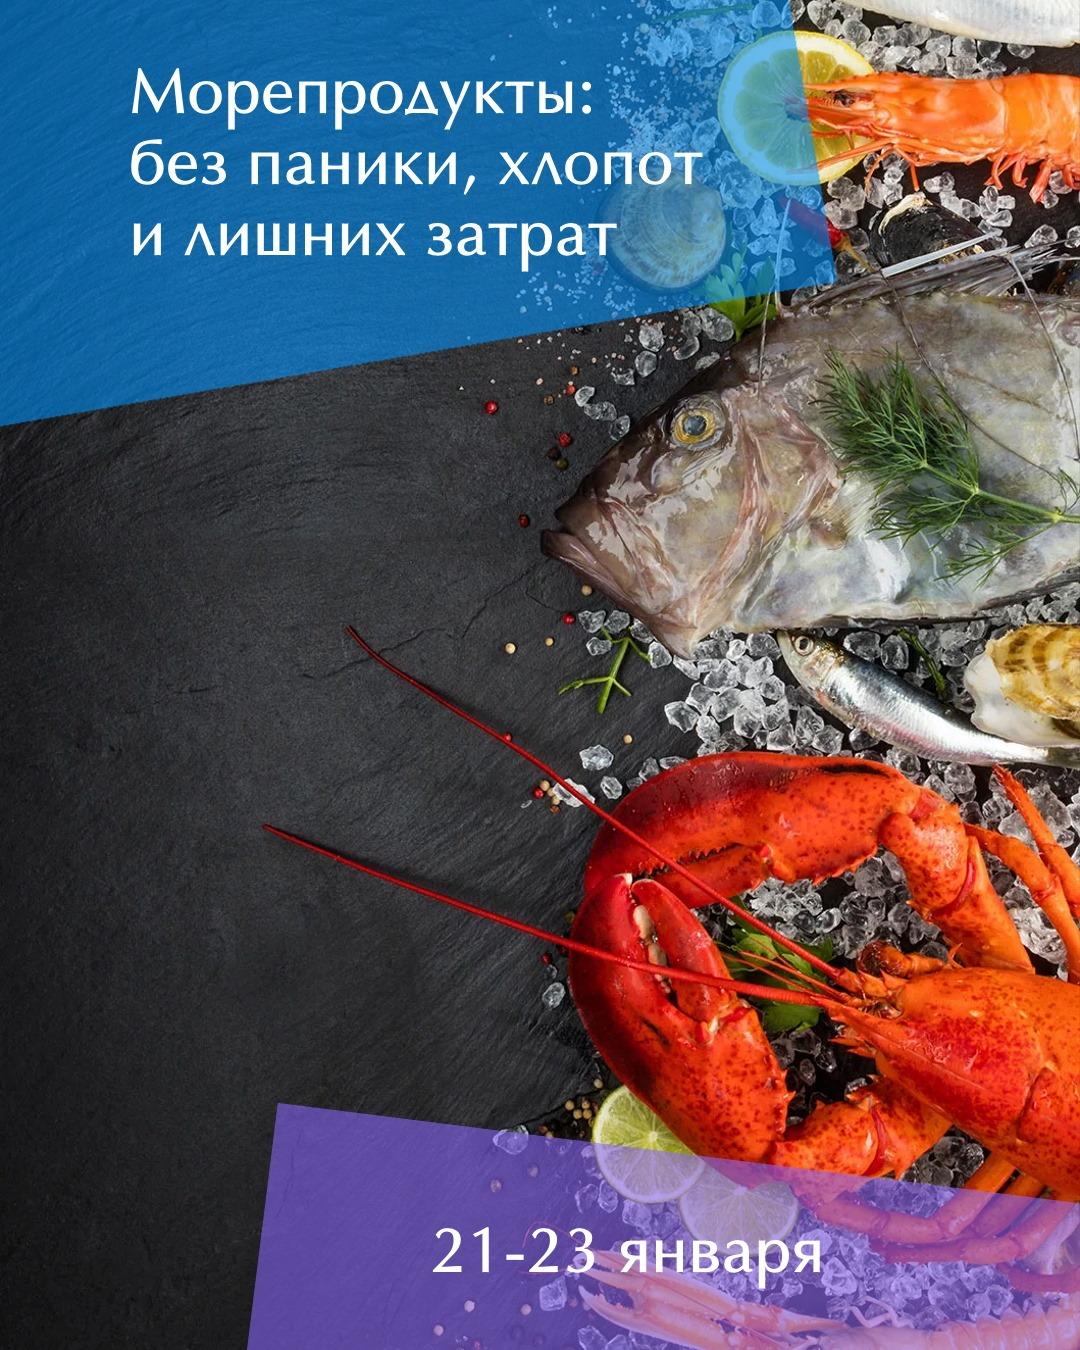 Морепродукты: без паники, хлопот и лишних расходов - фото